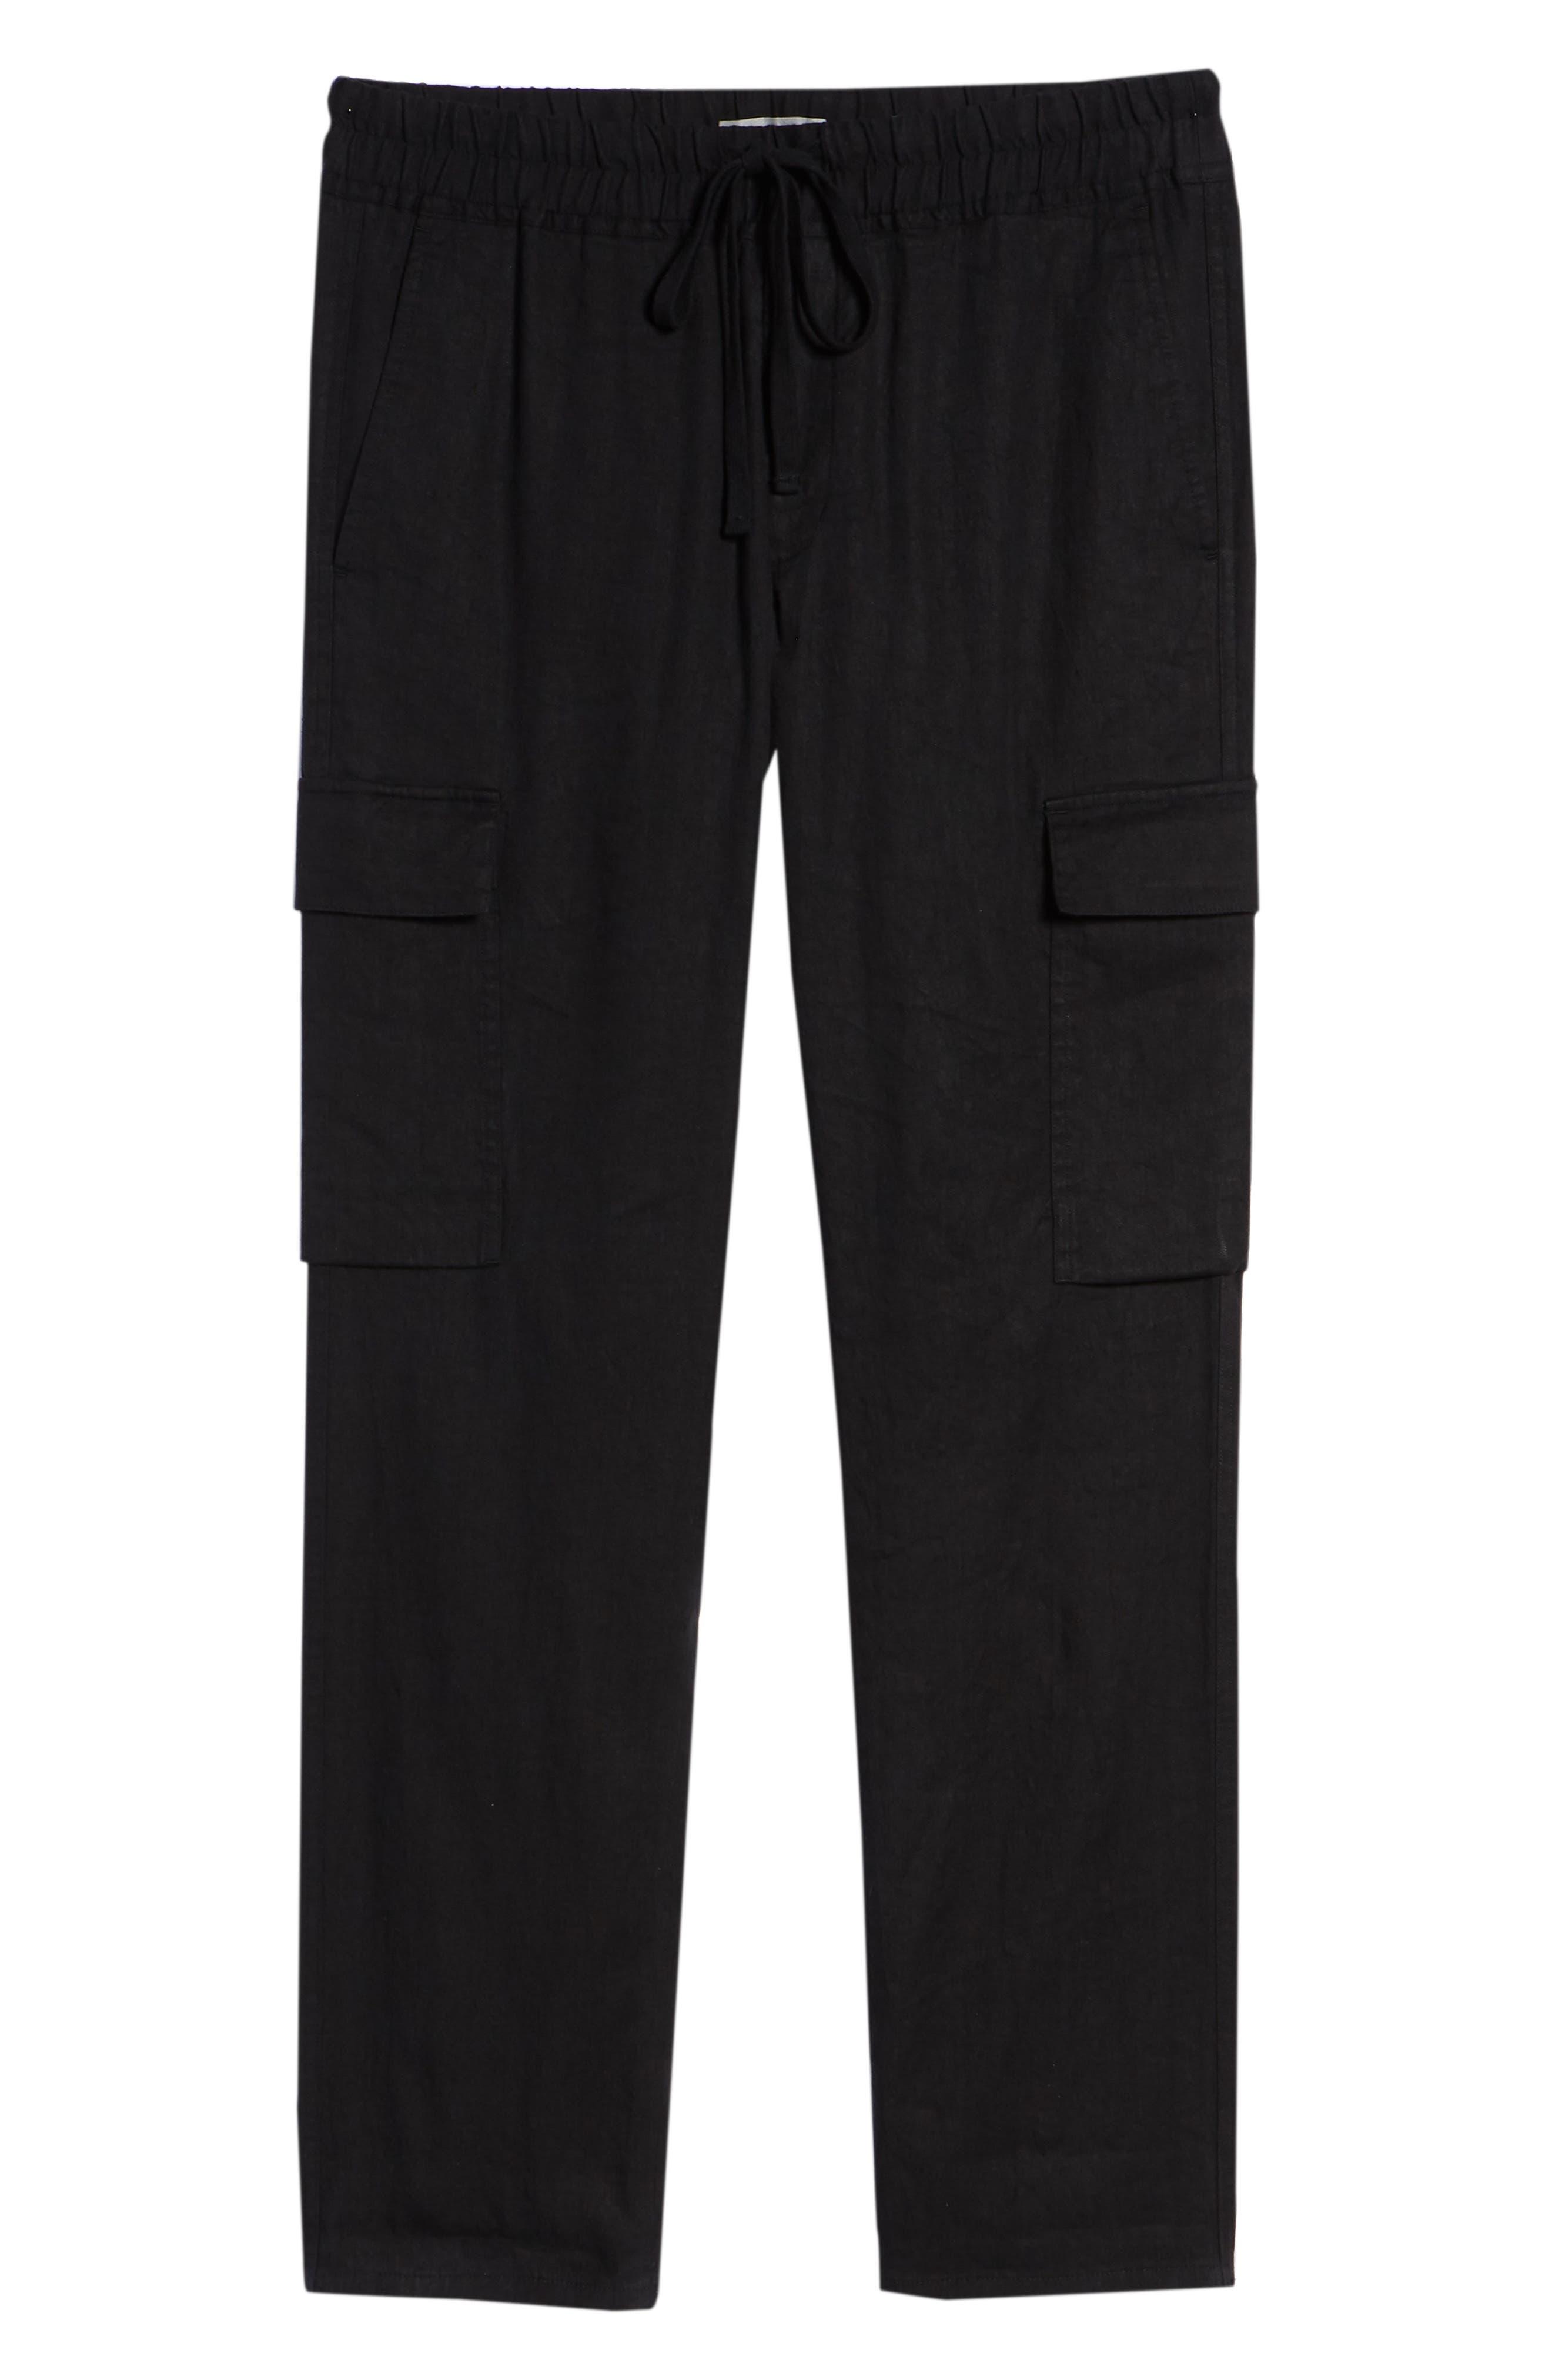 Stretch Linen & Cotton Cargo Pants,                             Alternate thumbnail 6, color,                             Black